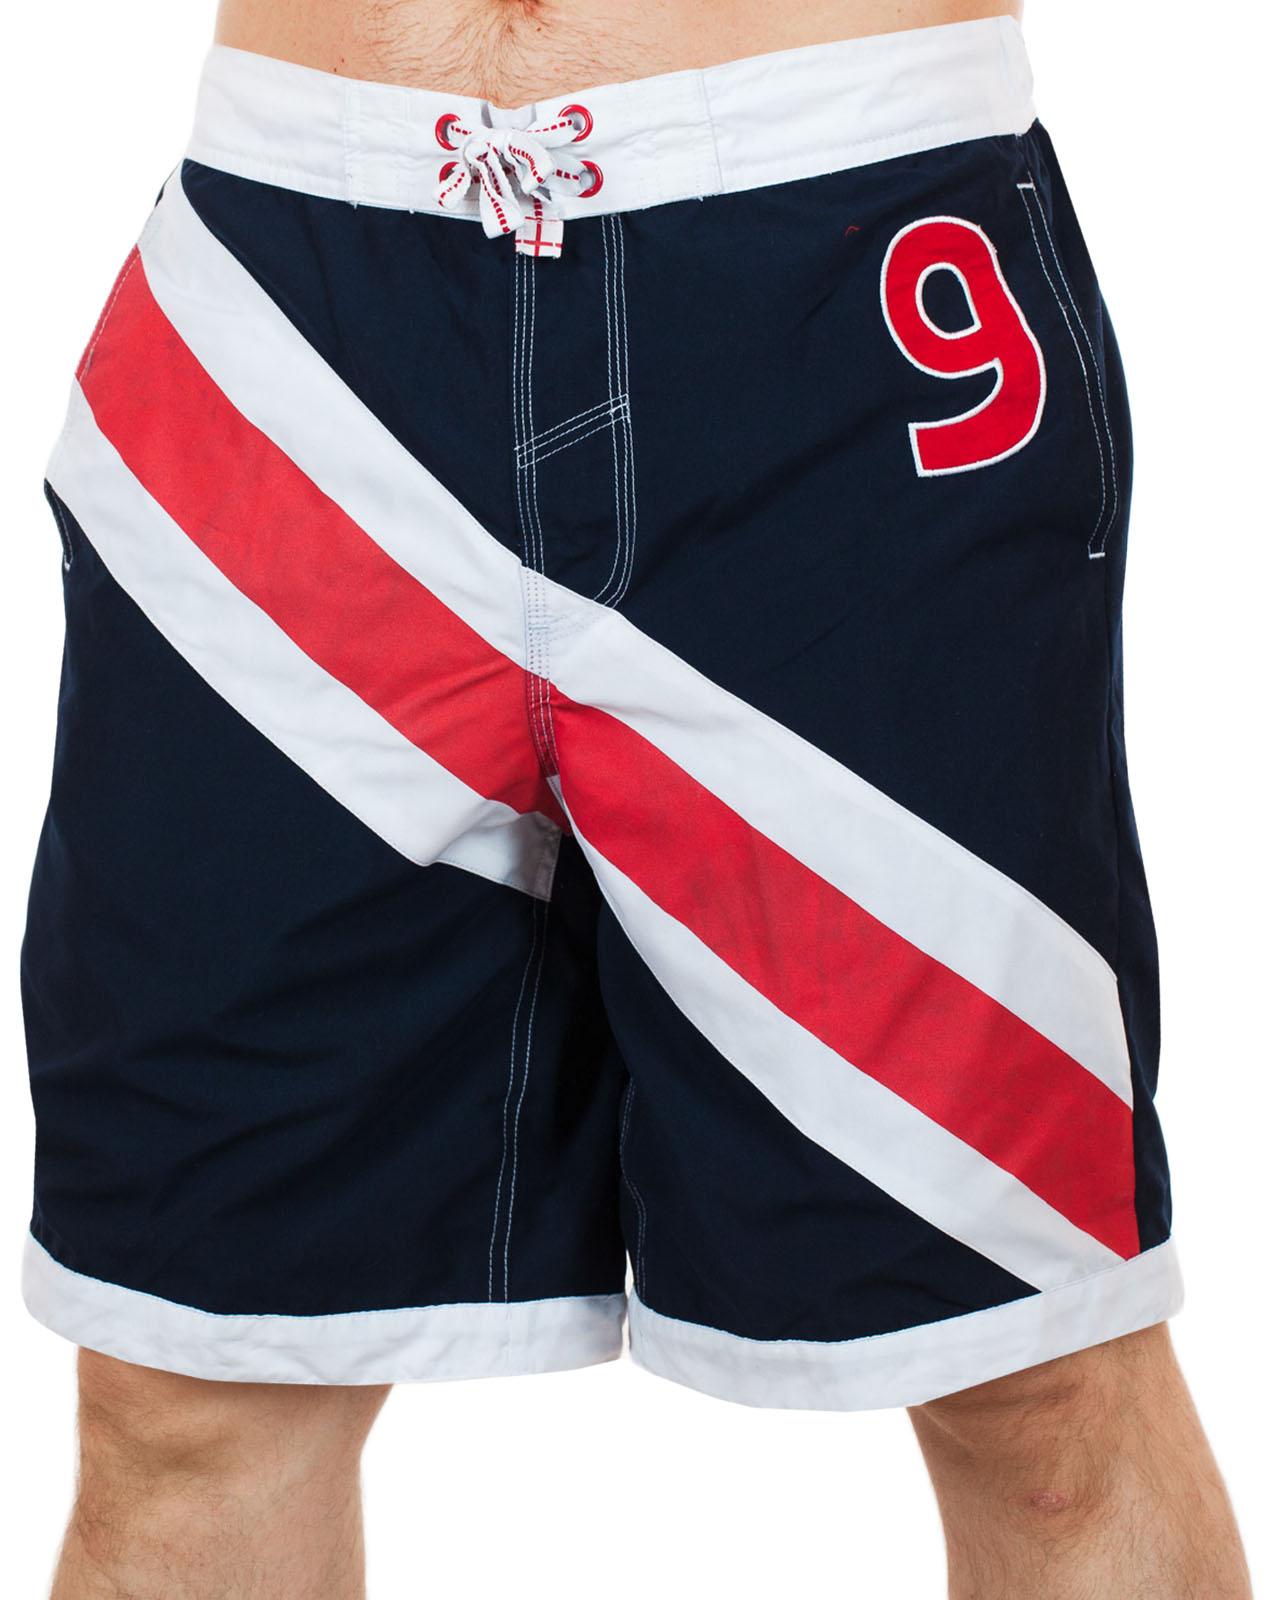 Купить шорты для спорта